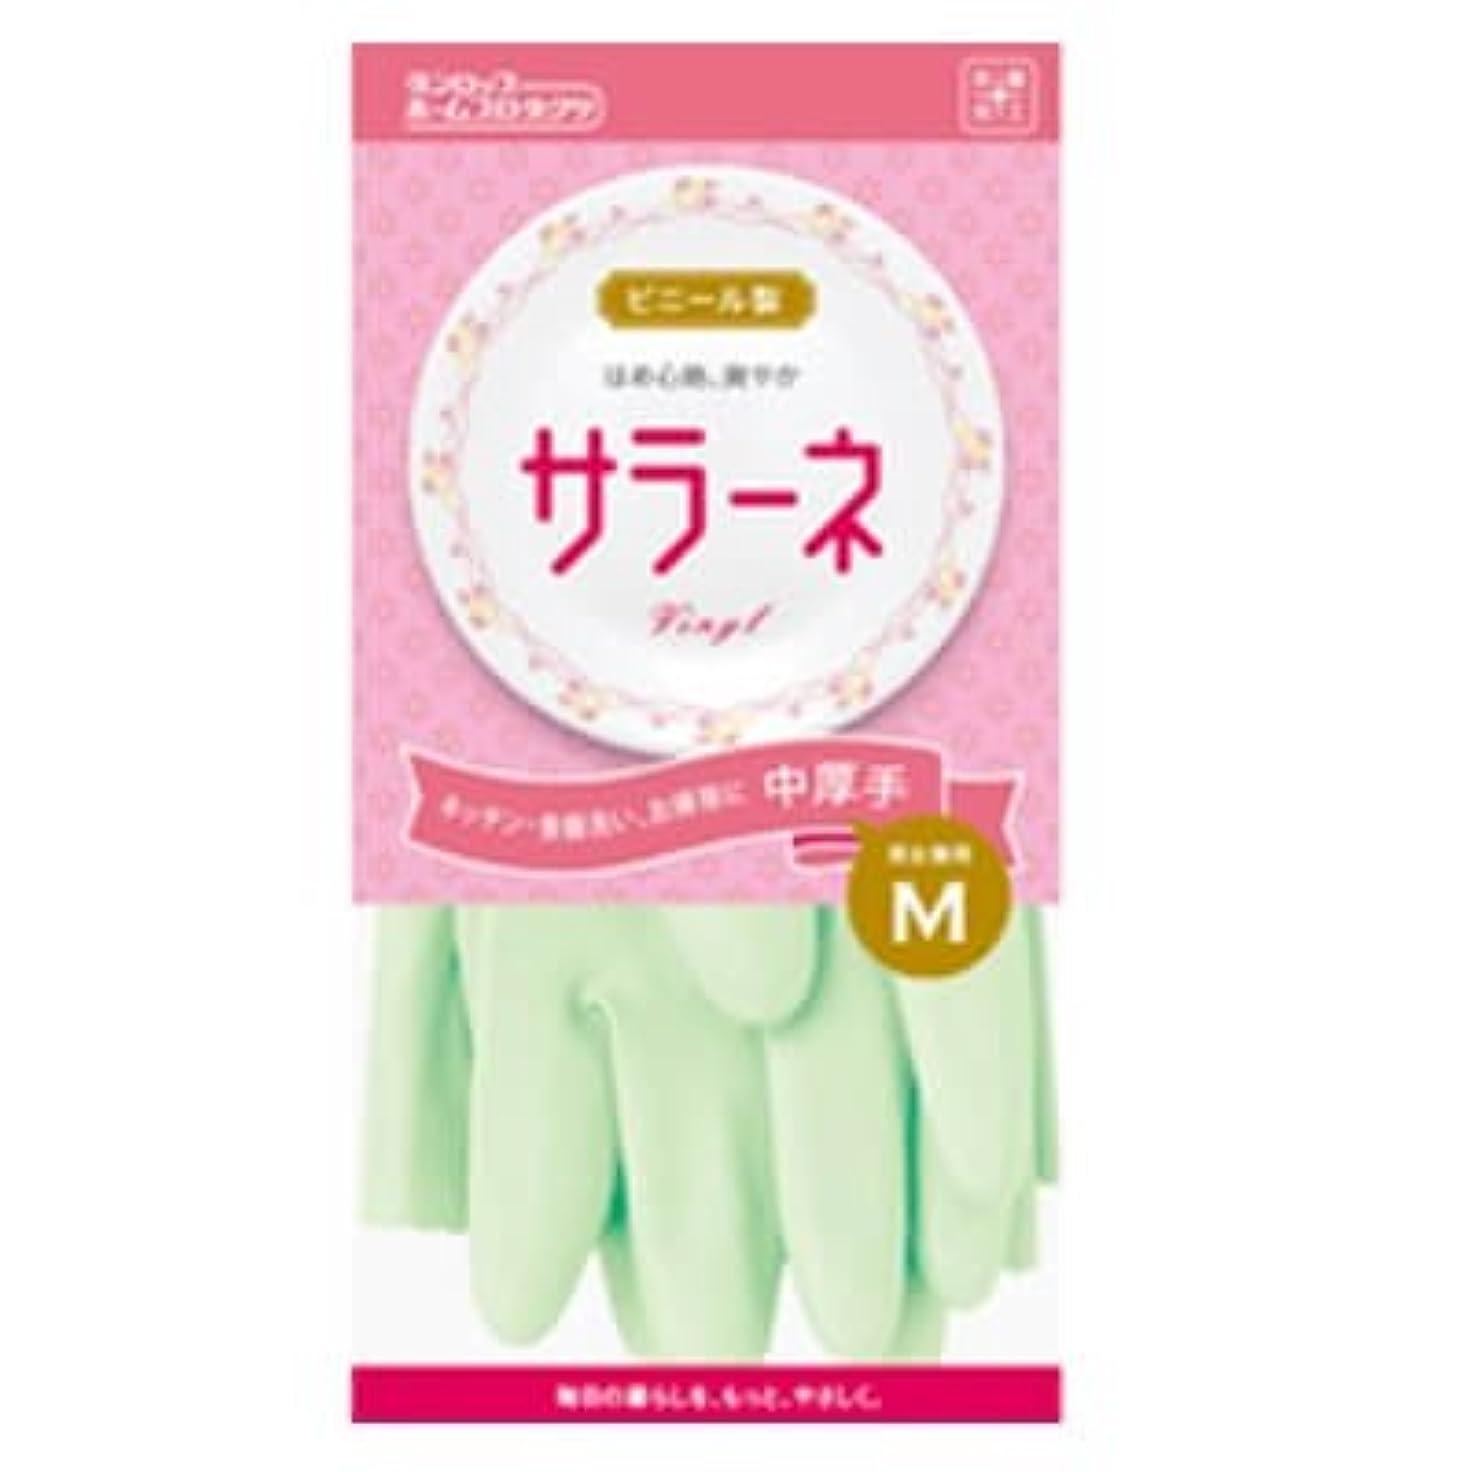 何か嫌なマラウイ【ケース販売】 ダンロップ サラーネ 中厚手 M グリーン (10双×12袋)